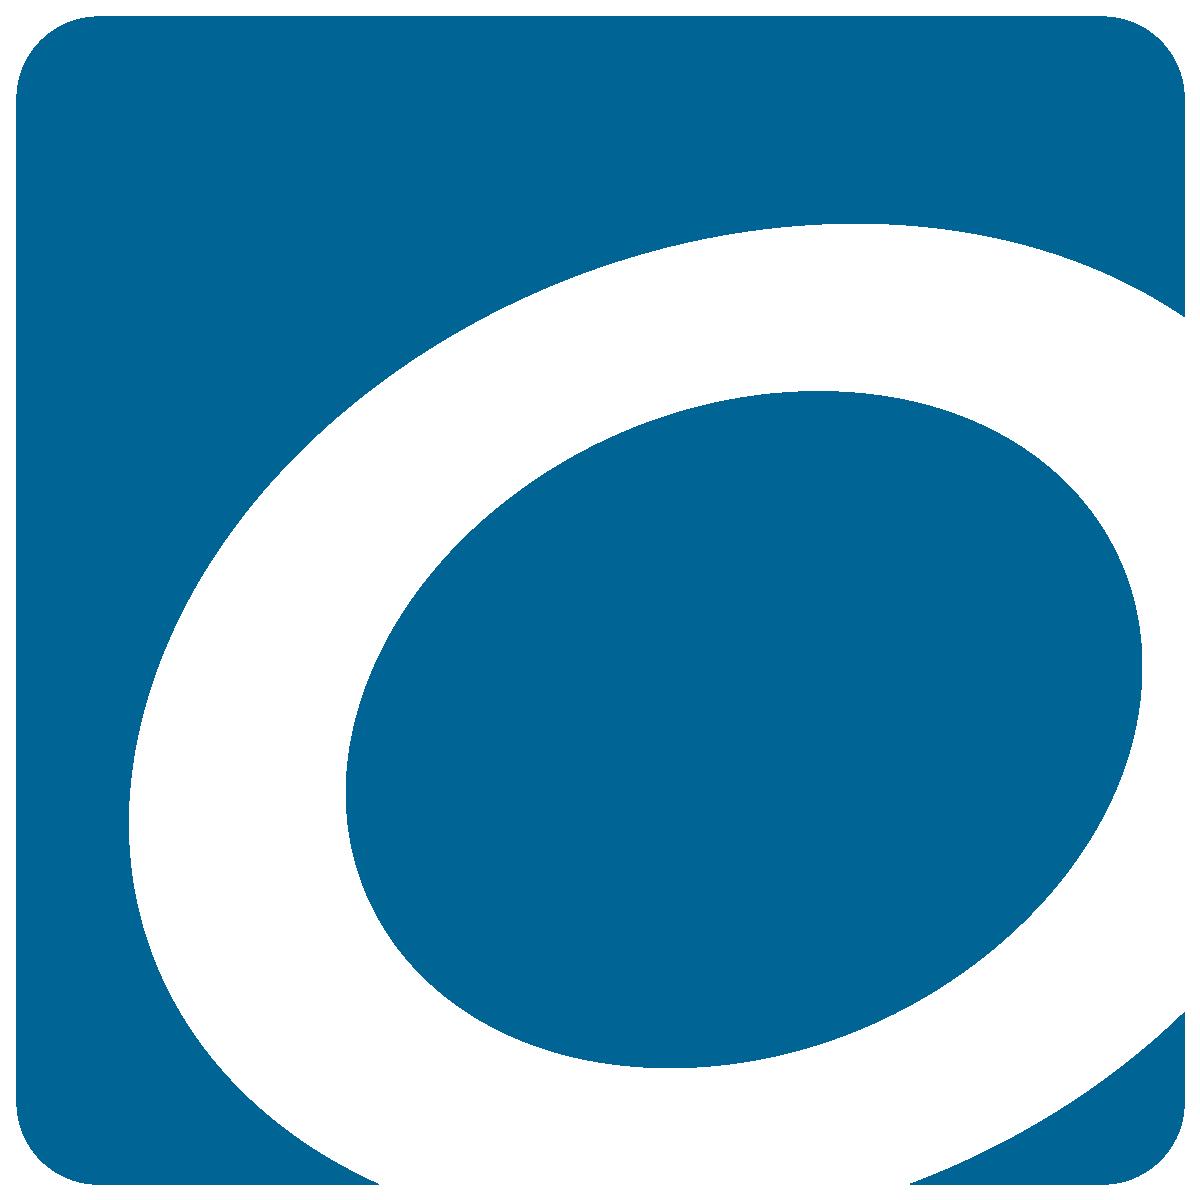 overdrive_app_icon_2015_rgb